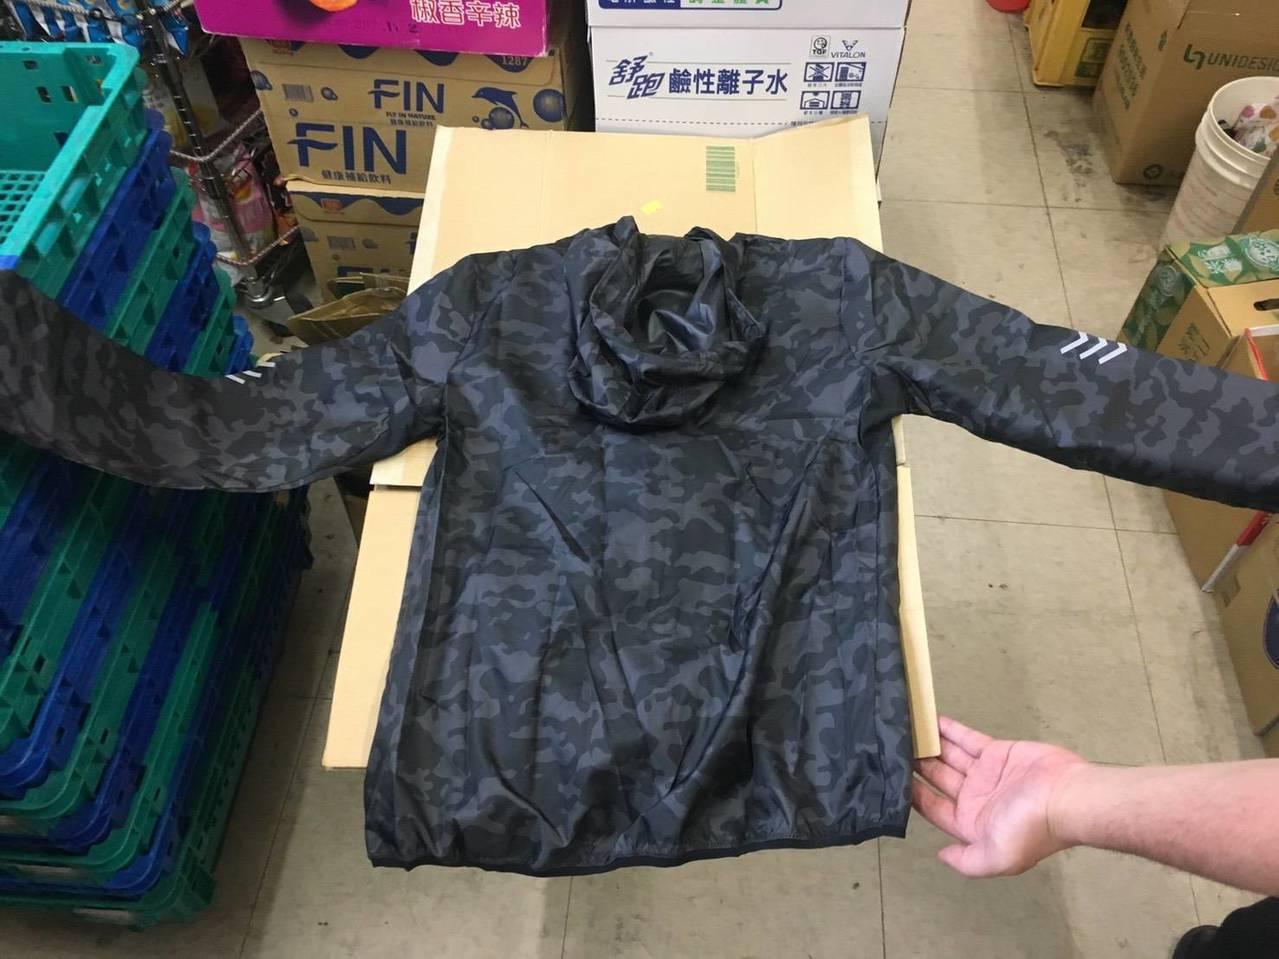 新北市泰山區小姊弟雙屍命案涉嫌殺害的吳姓男子,昨晚屍體被發現,圖為吳男穿著的上衣...